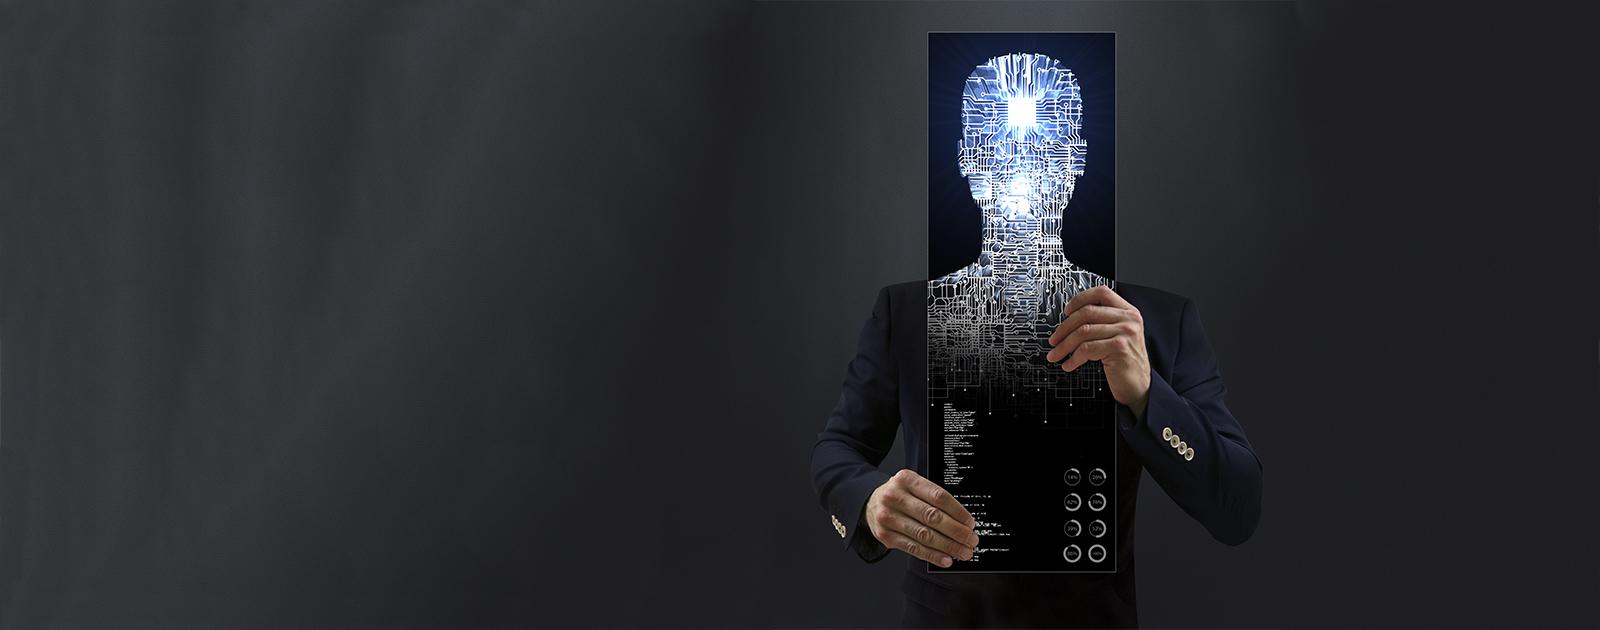 L'IA comme extension de la vie